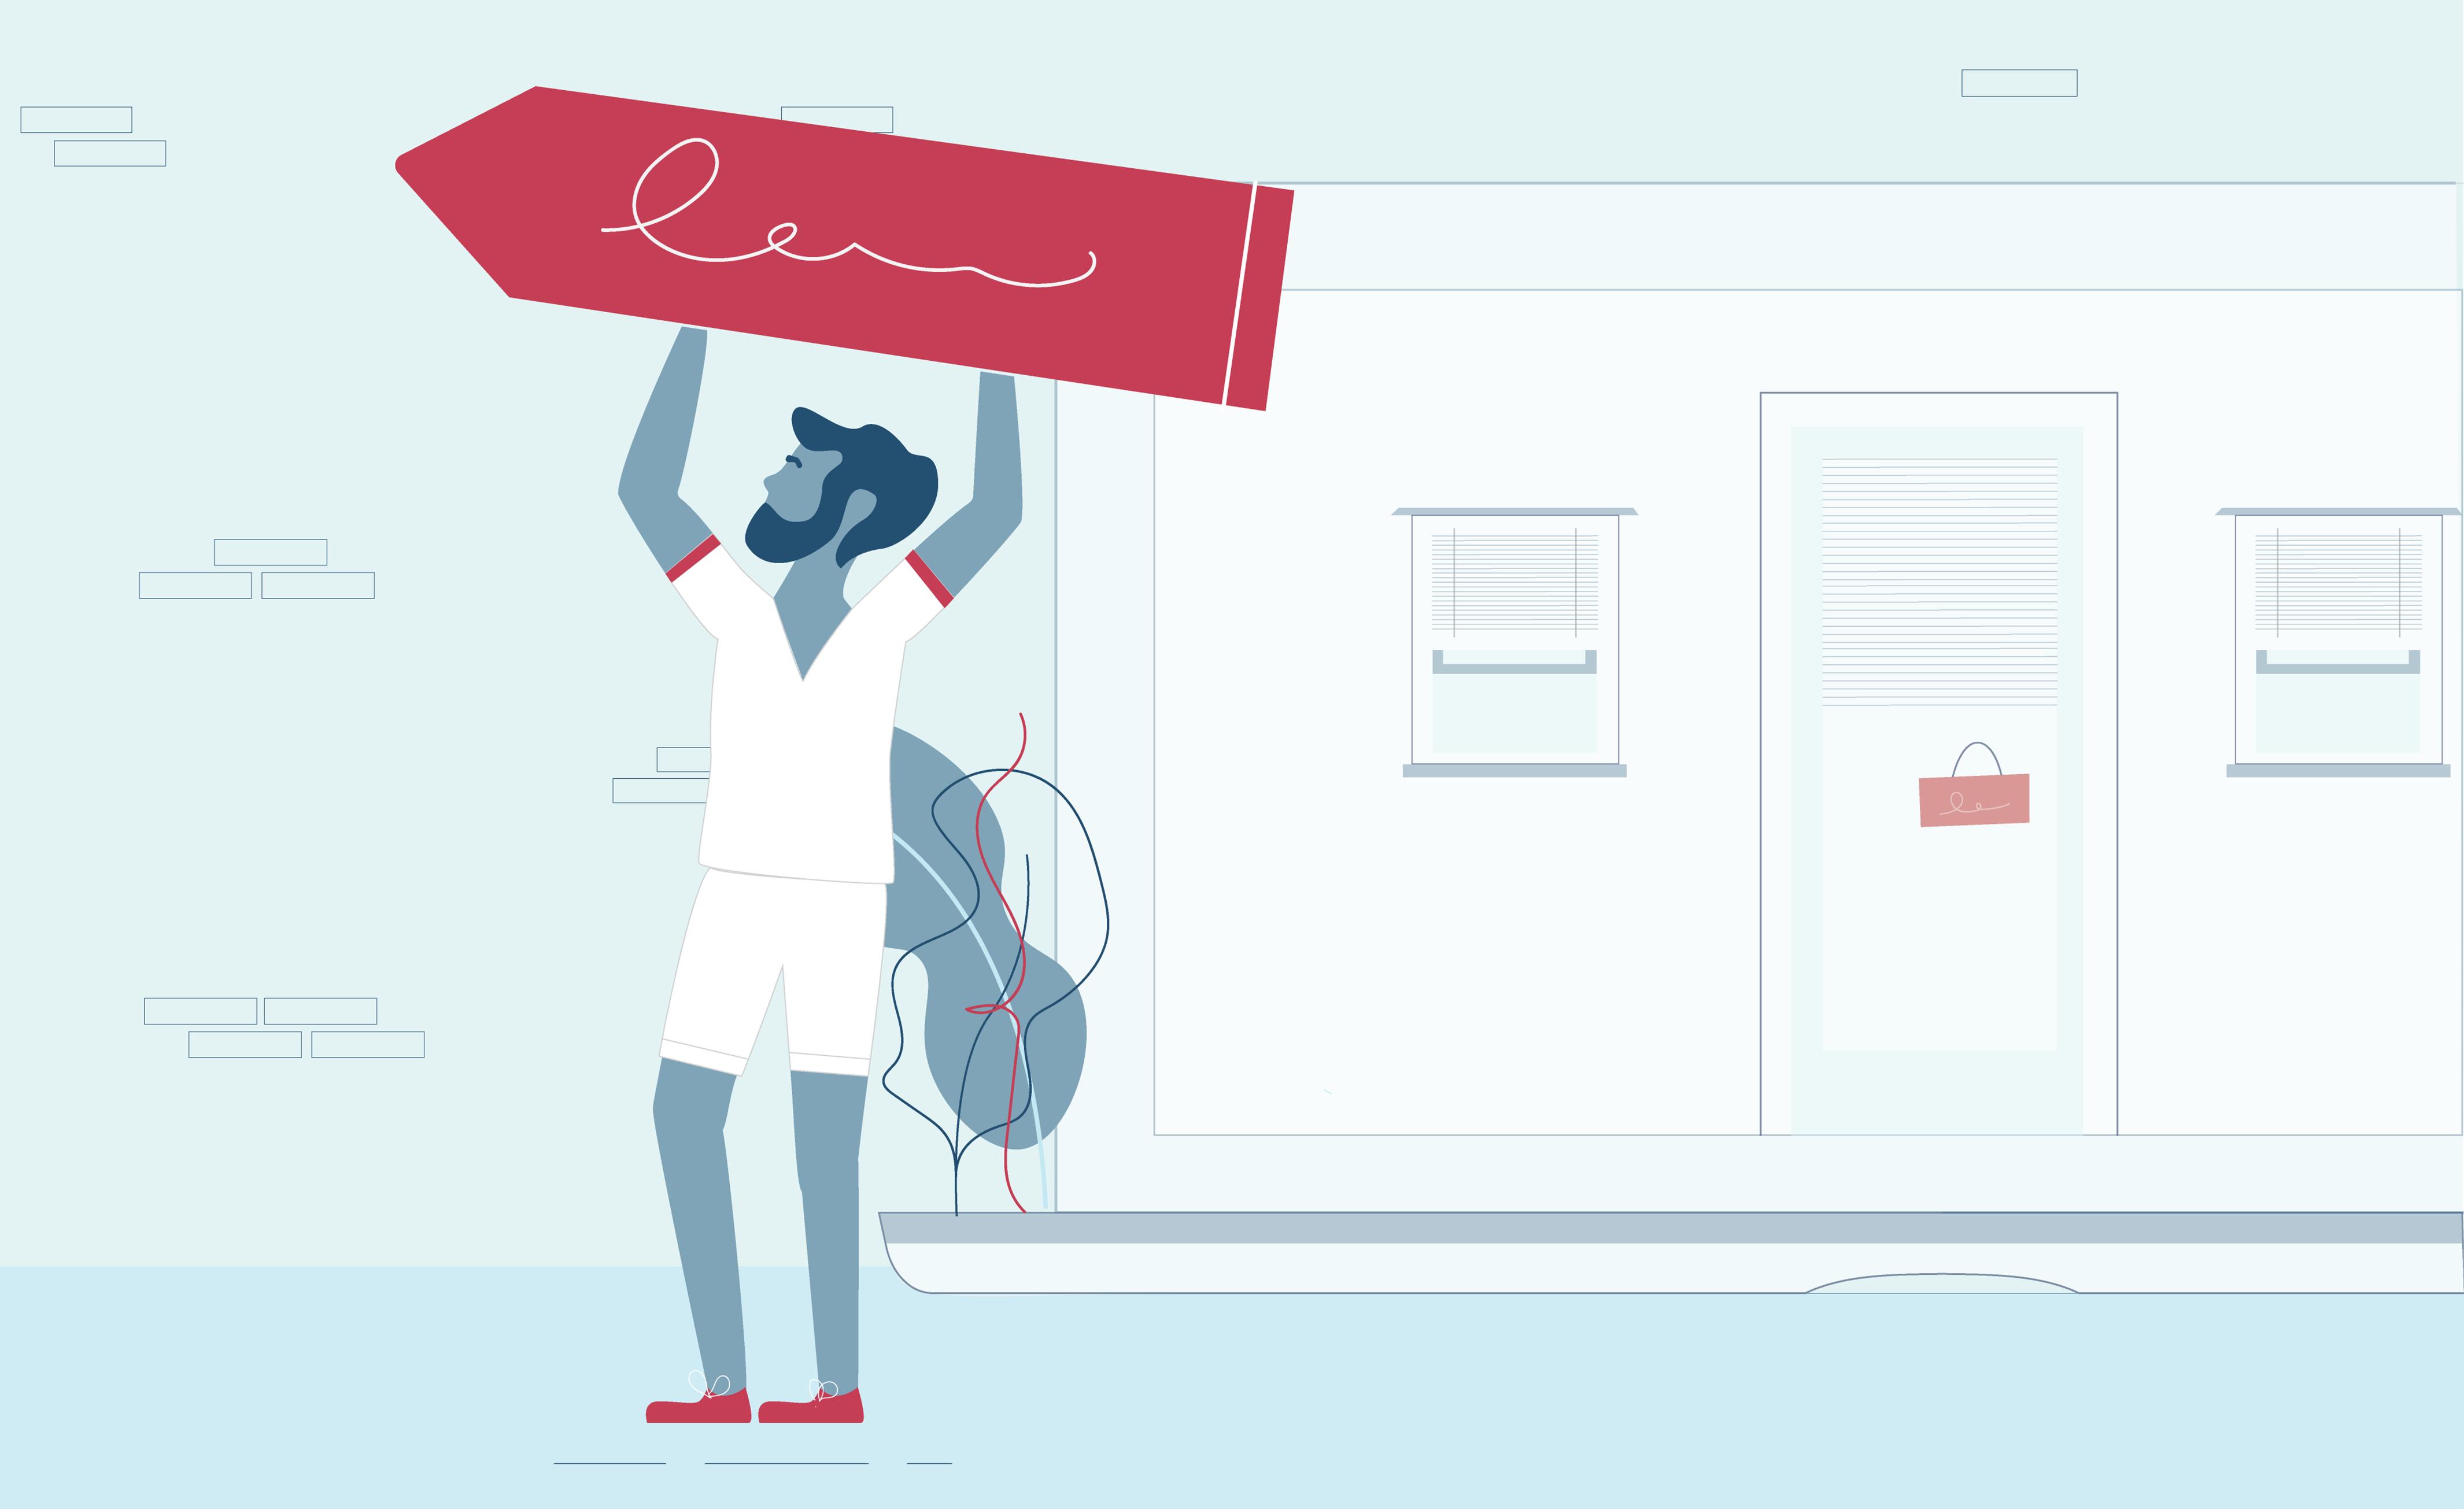 Illustration of man advertising website